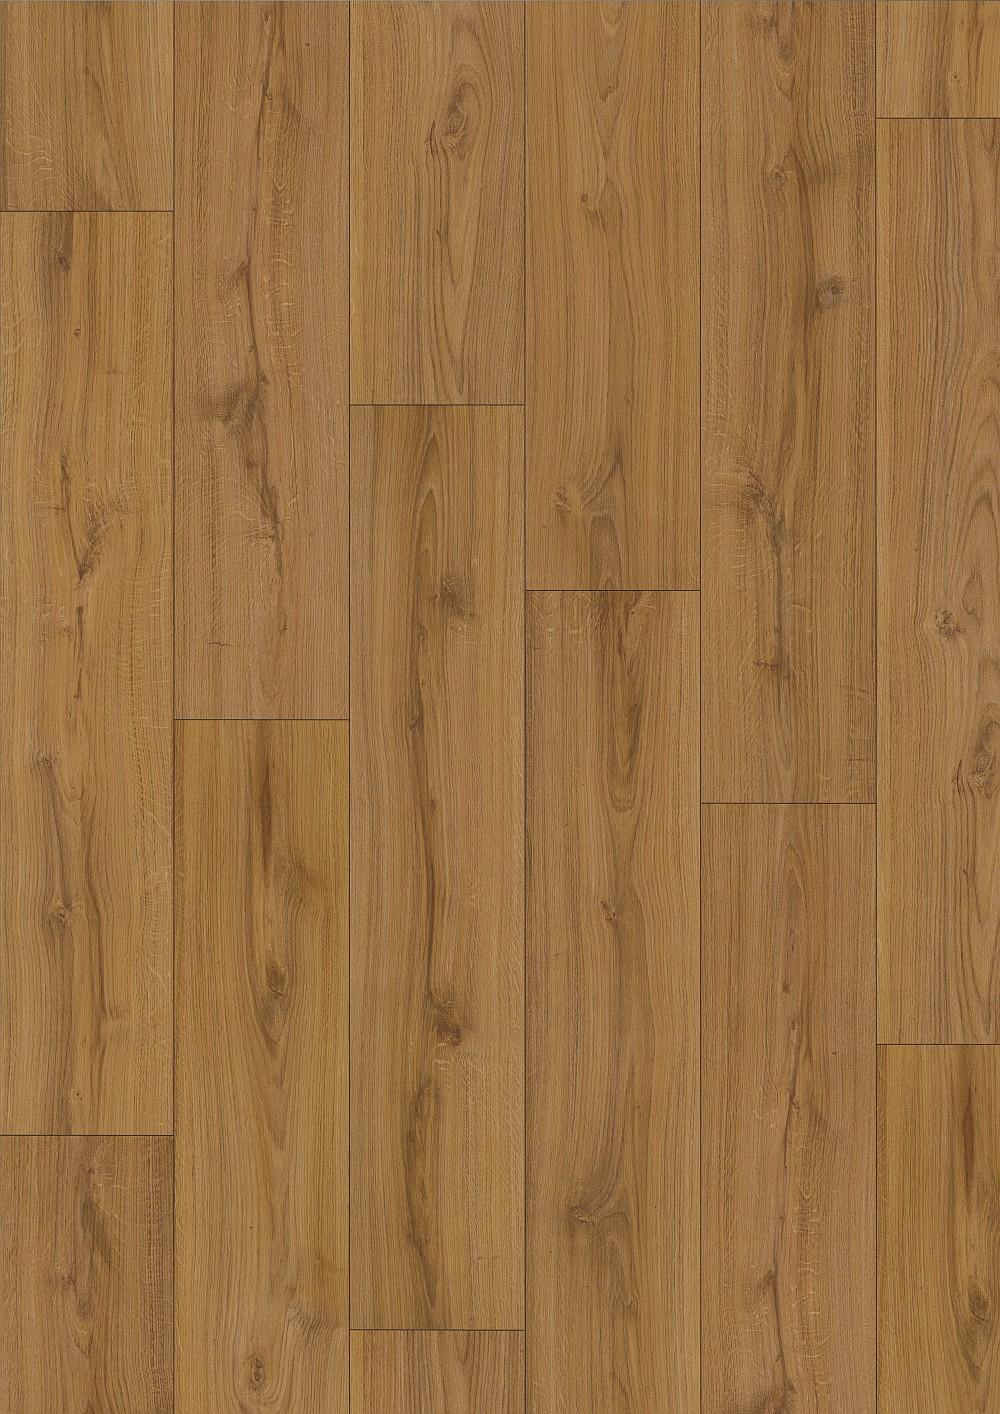 Korková plovoucí podlaha EGGER Cork+ Large (Dub divoký EGGER CO LA 2022)